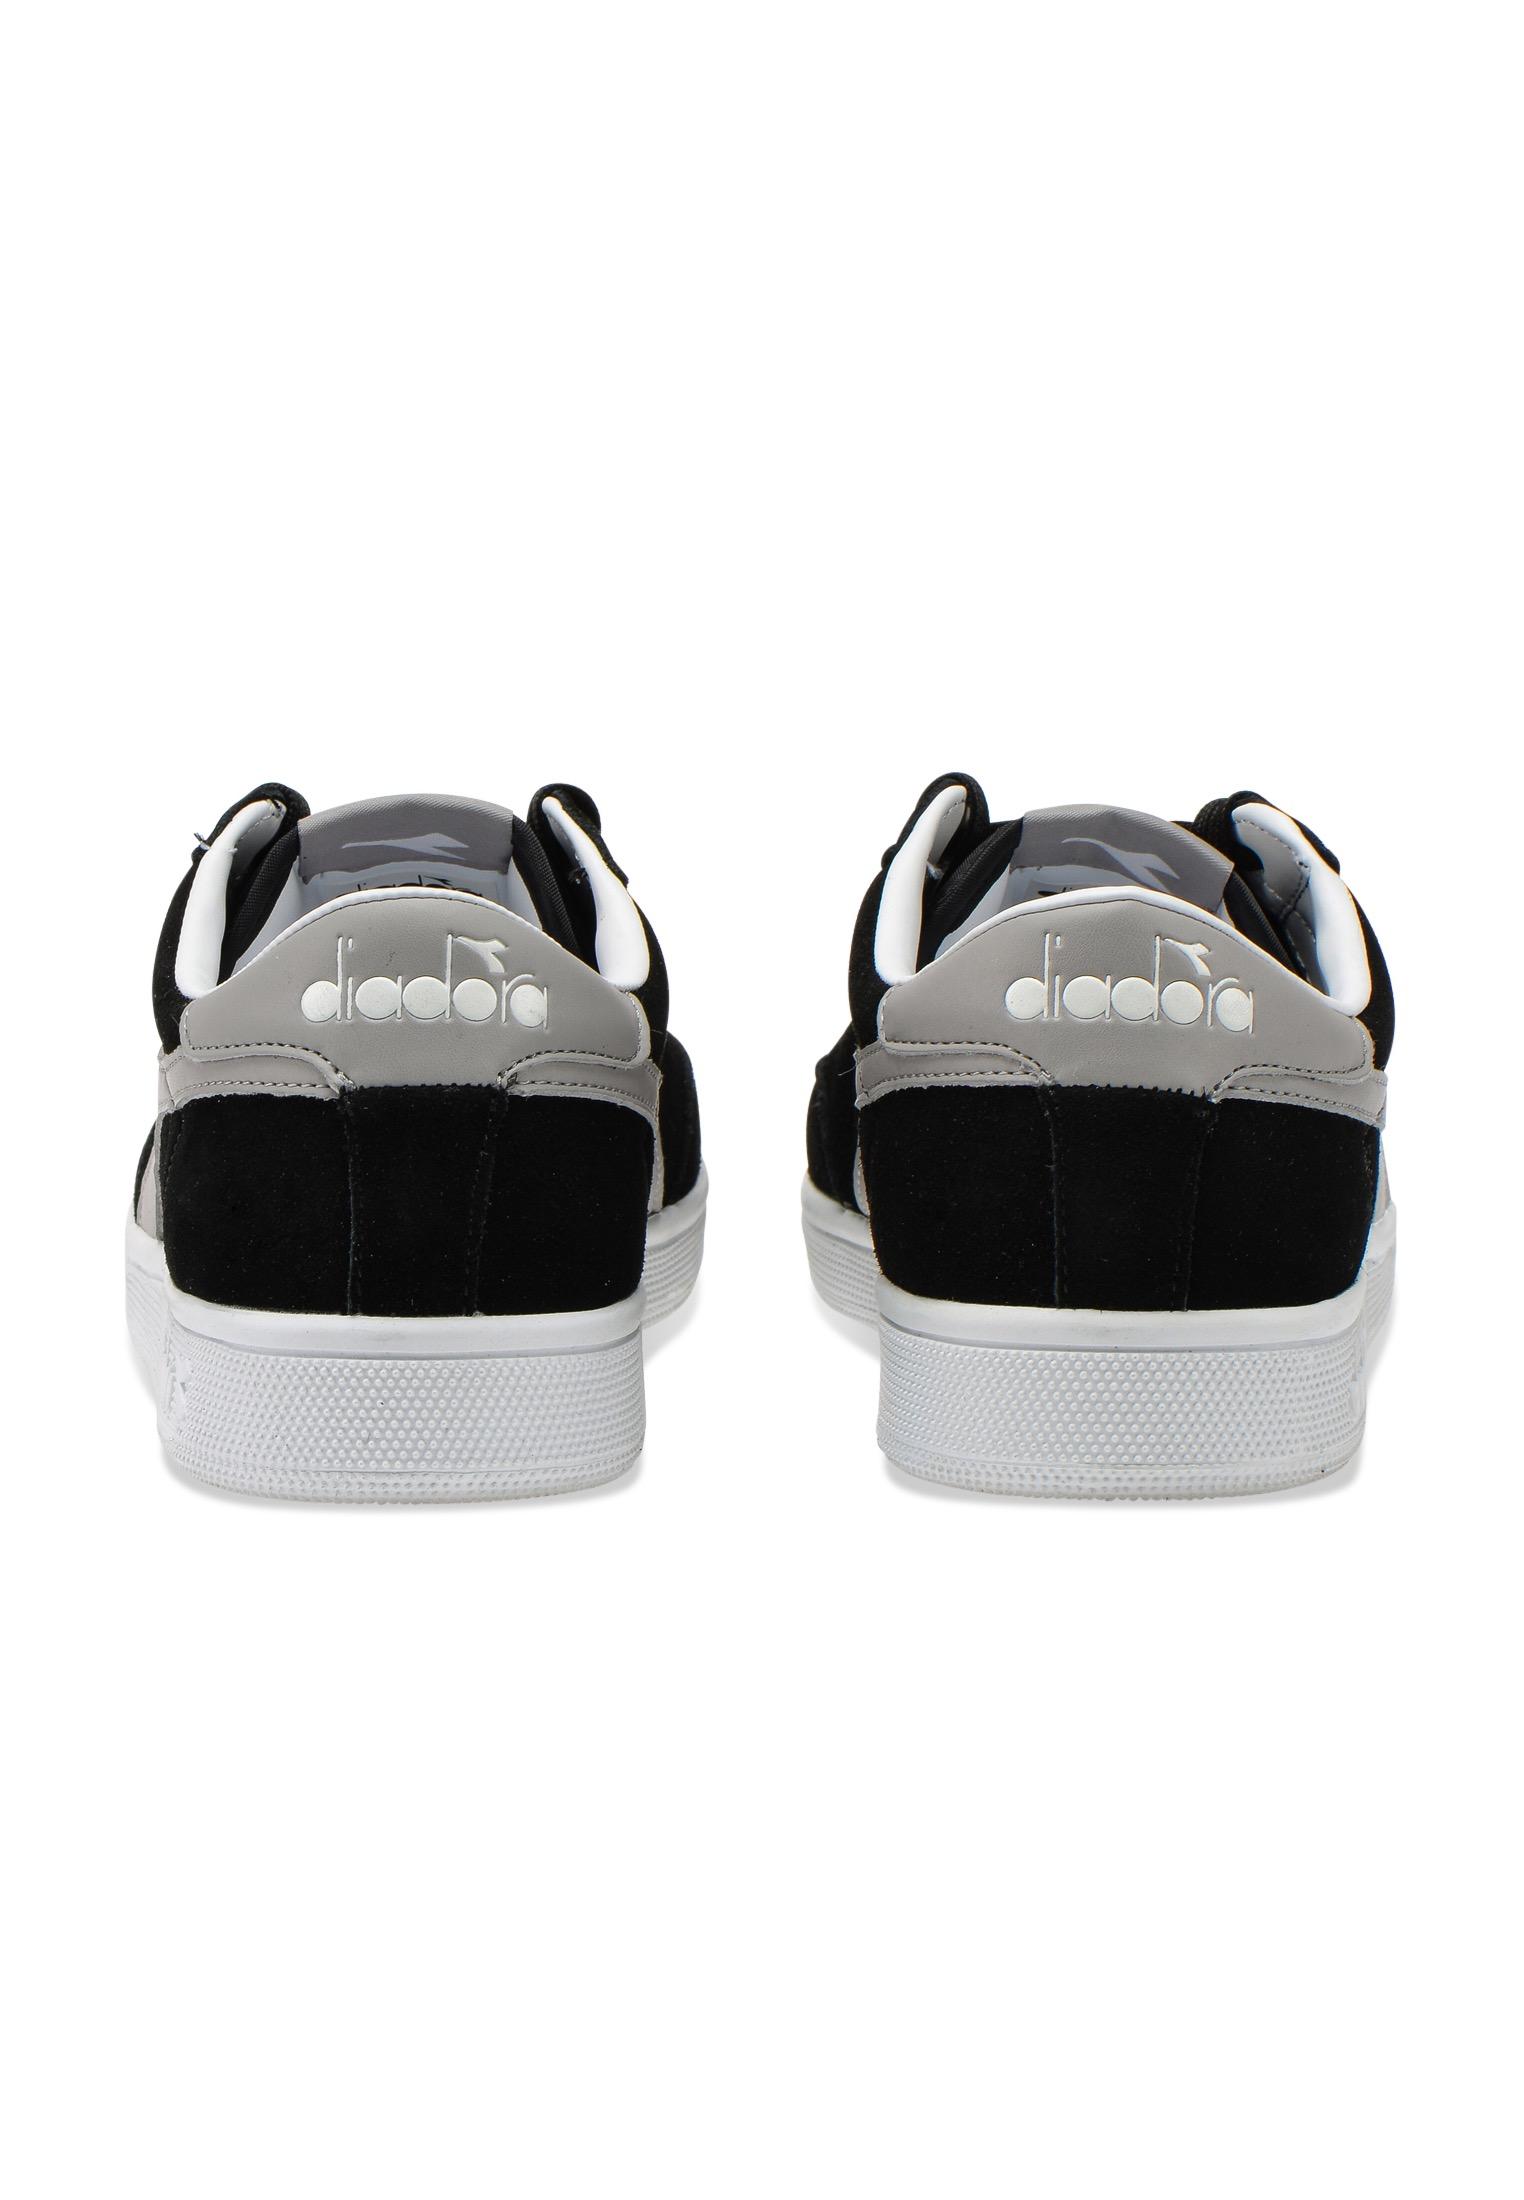 miniatura 30 - Diadora - Sneakers FIELD per uomo e donna